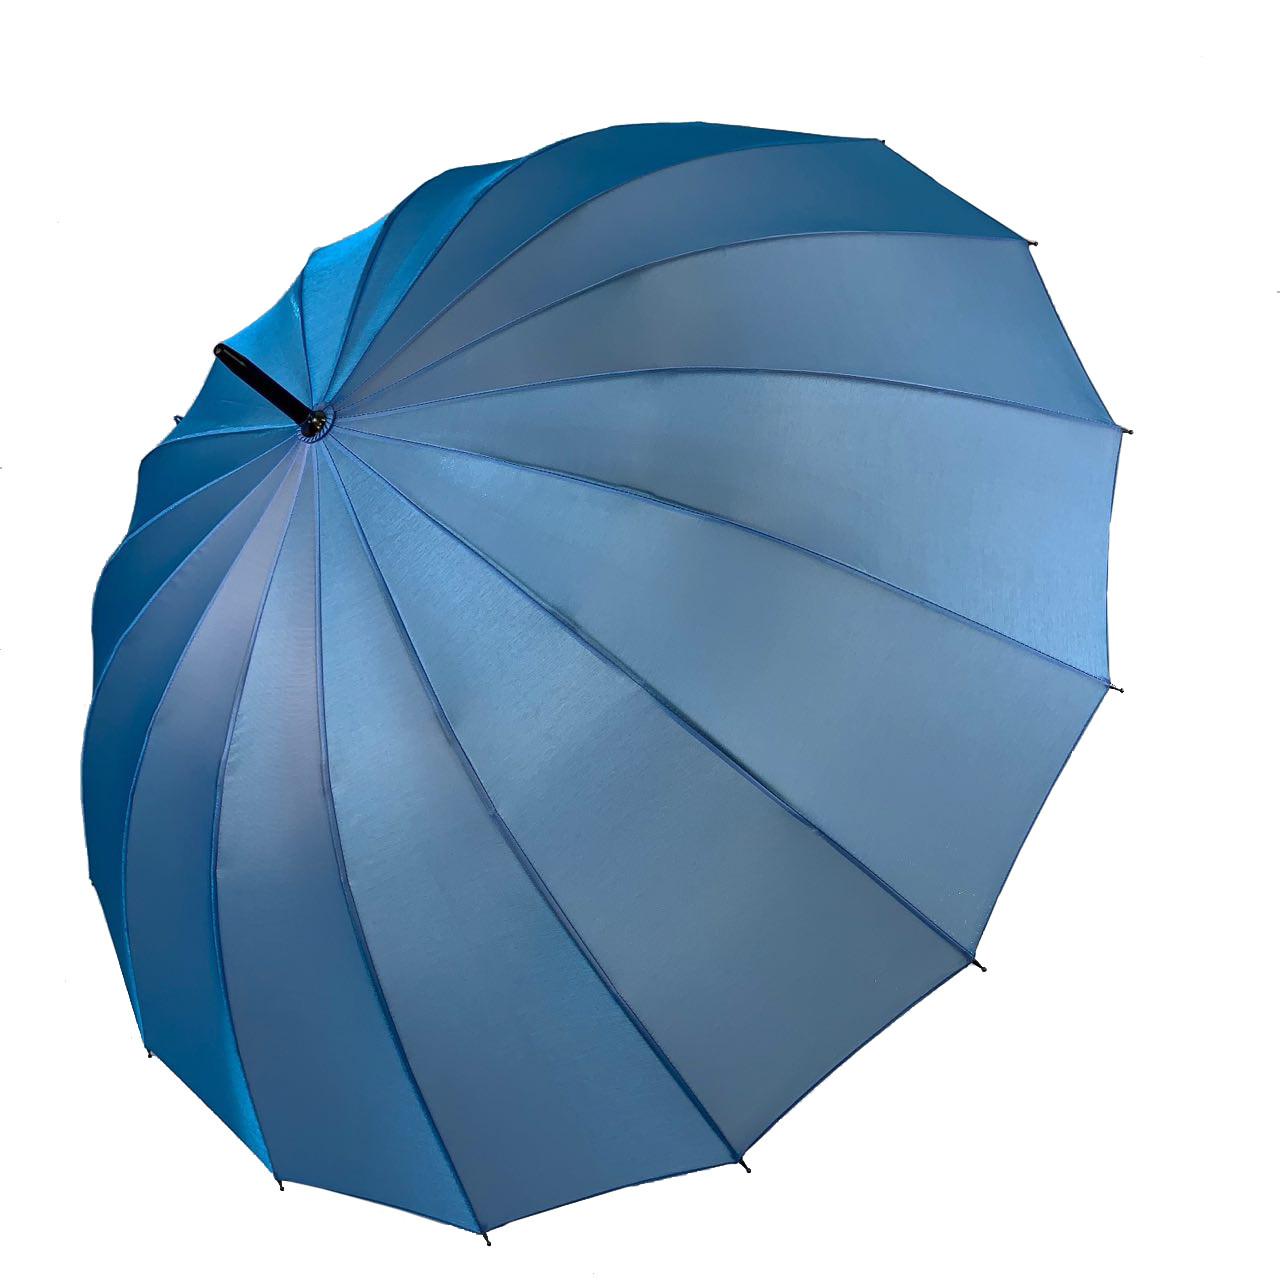 Женский зонтик-трость, полуавтомат от Calm Rain, голубой (хамелеон), 1002-6